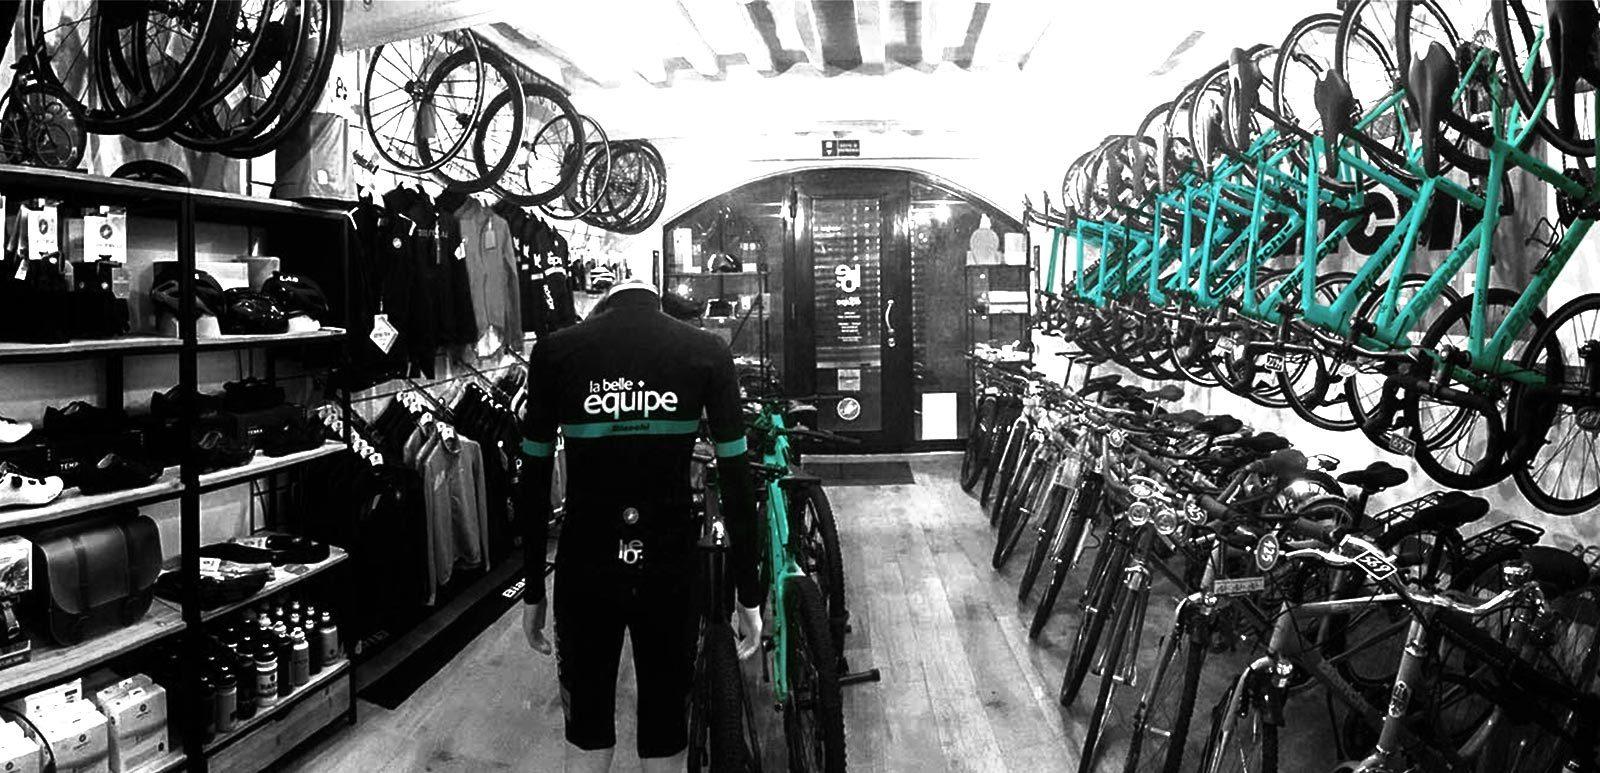 interno negozio bianchi biciclette la belle equipe